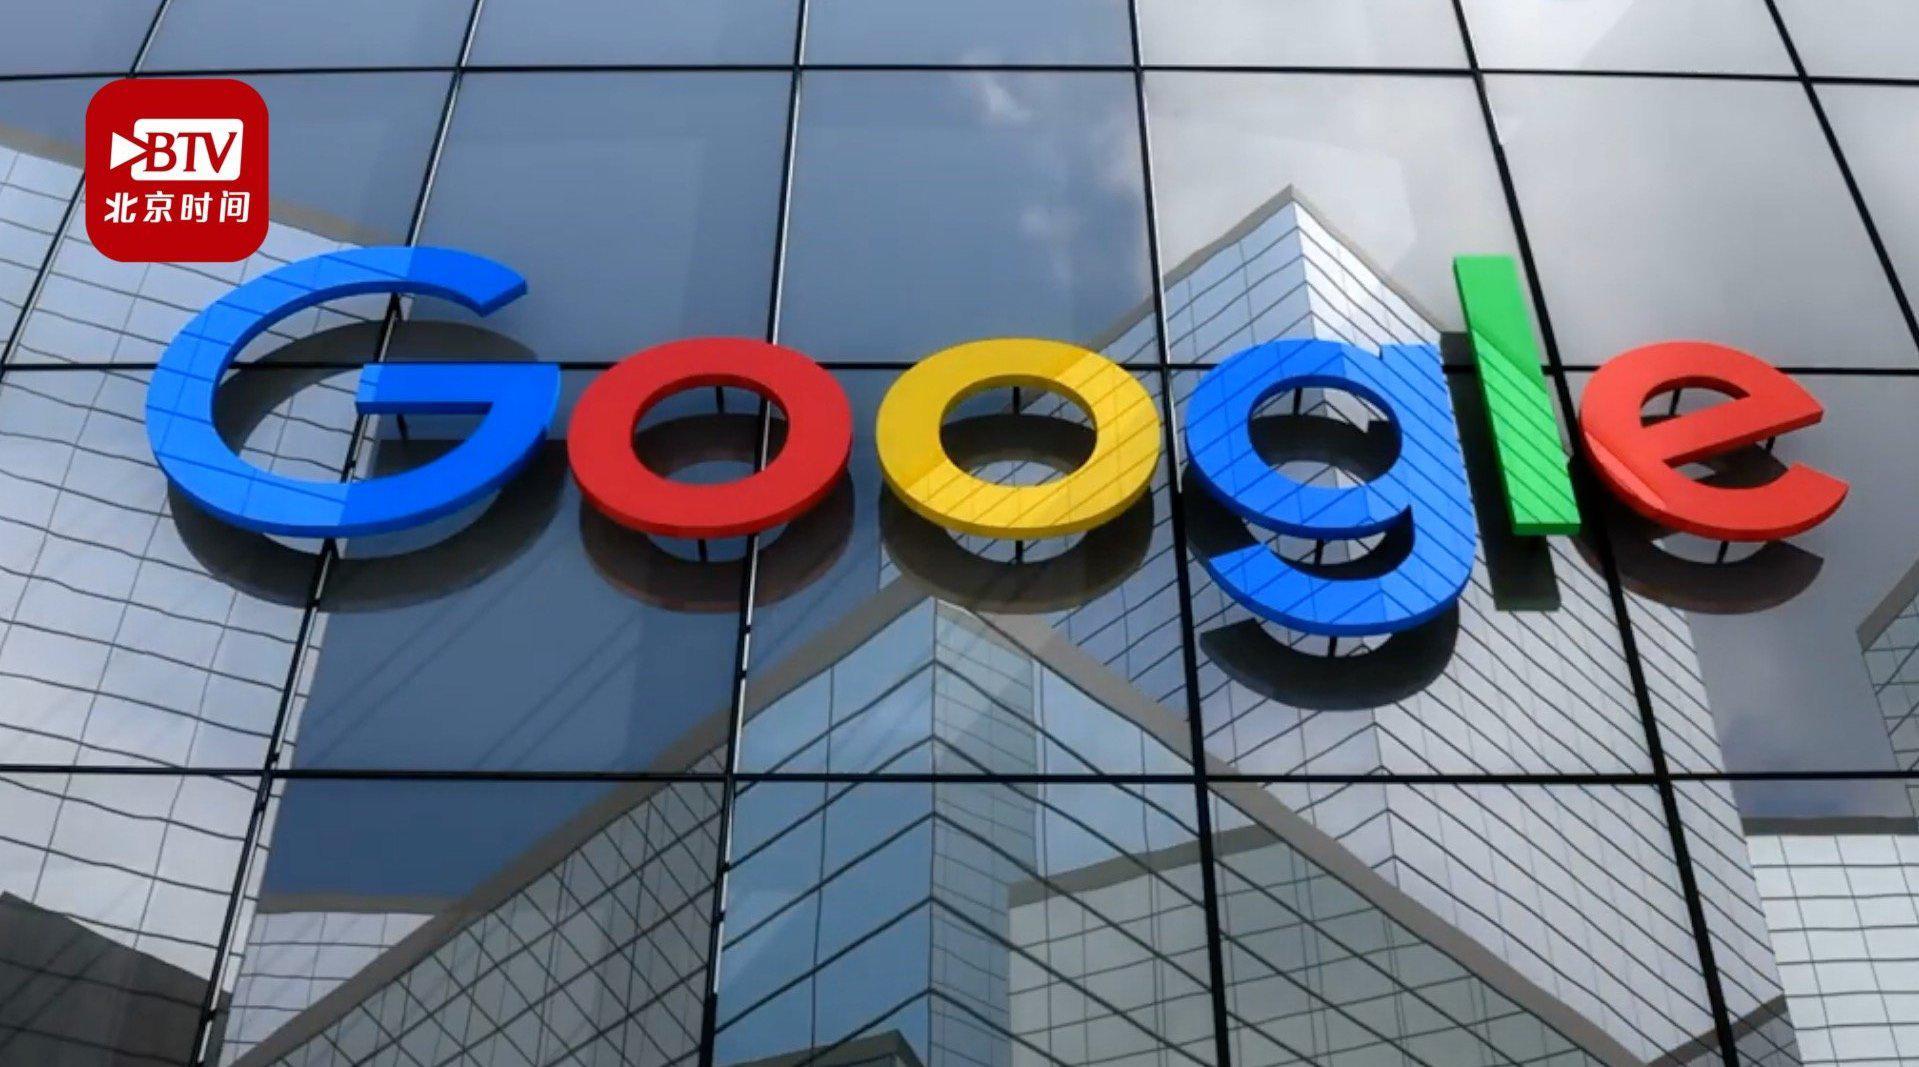 广告主削减支出 谷歌今年美国广告收入将下降5.3% 脸书、亚马逊